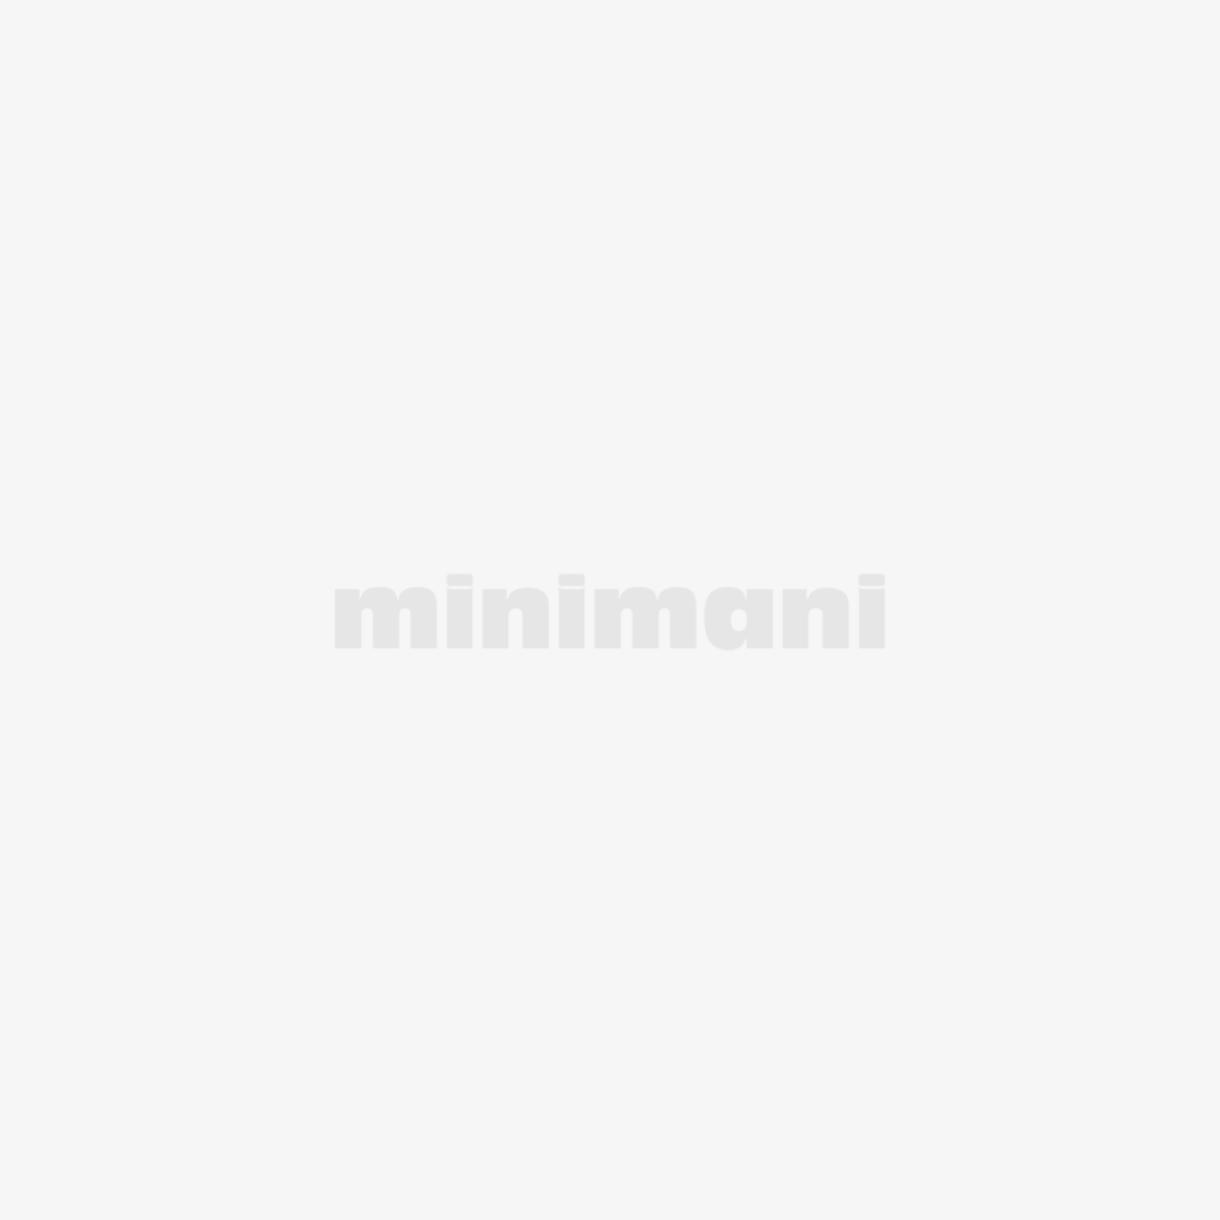 CROSSBOW NAISTEN TAI-ALUSHOUSUT 3 KPL/PKT MUSTA